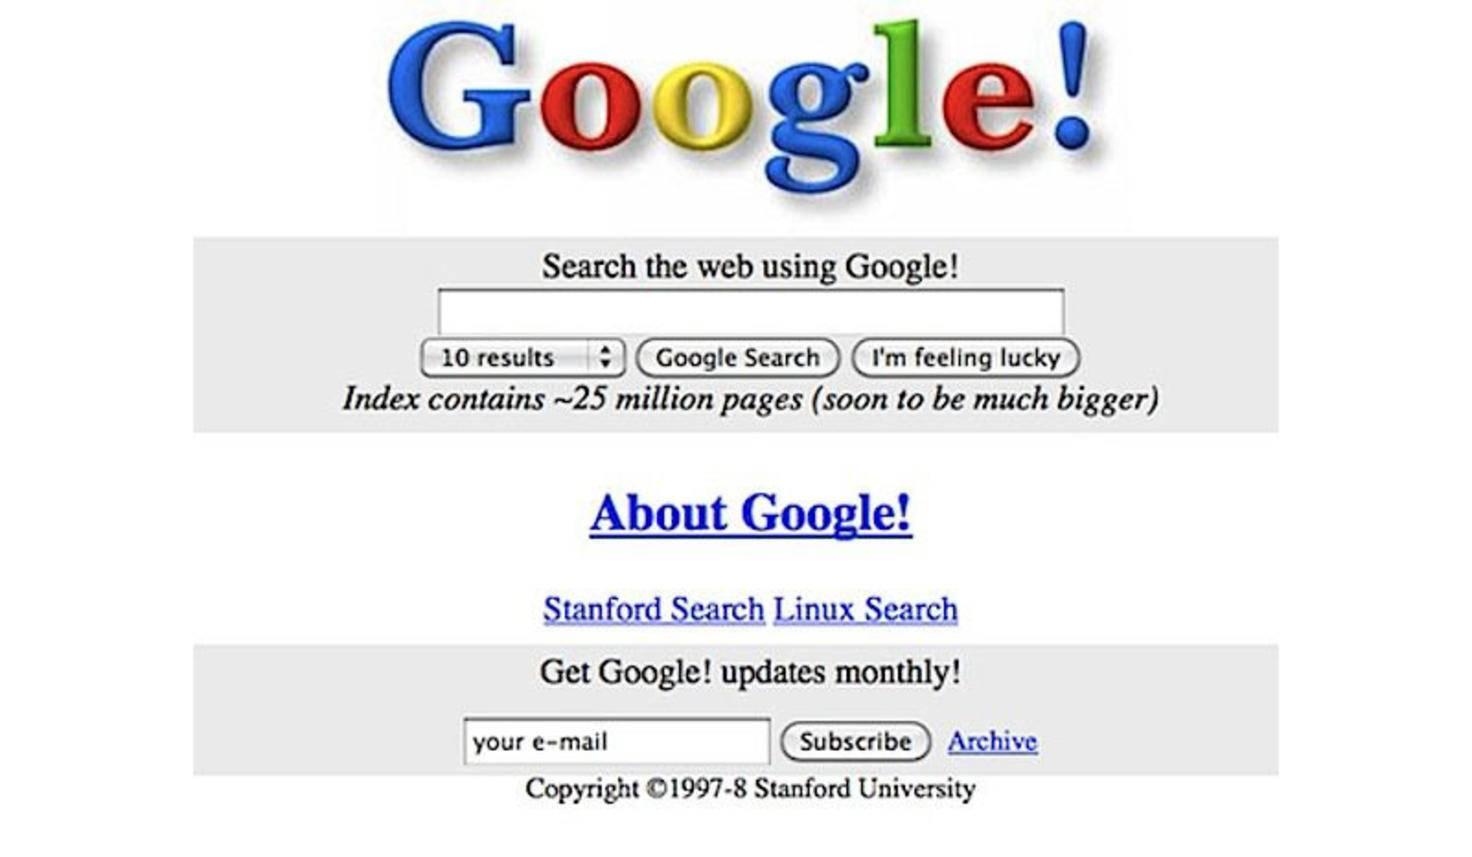 Google-98.jpg